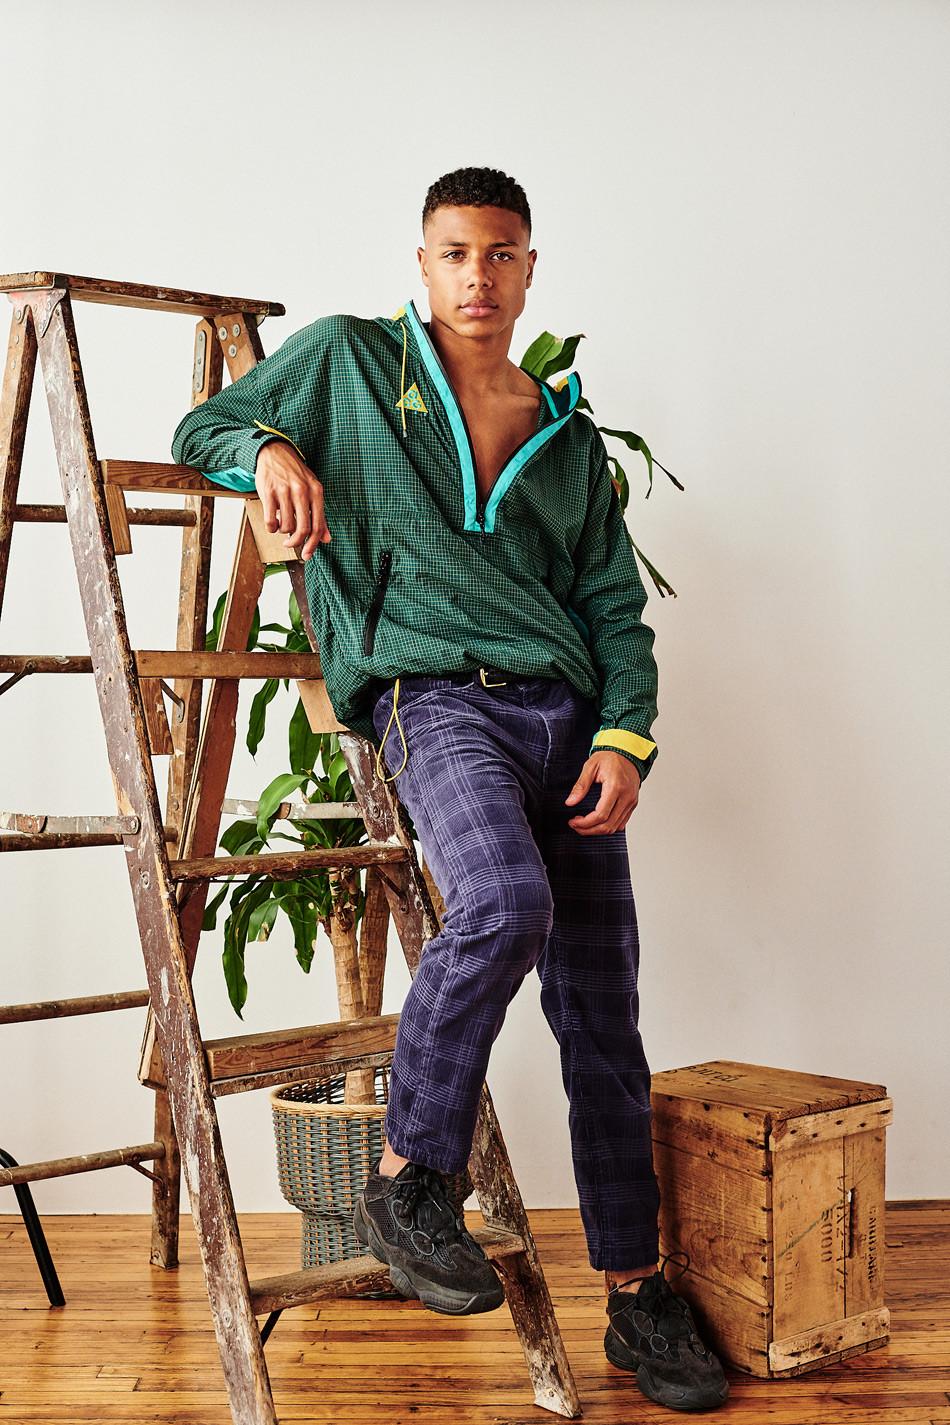 All Images via Models.com